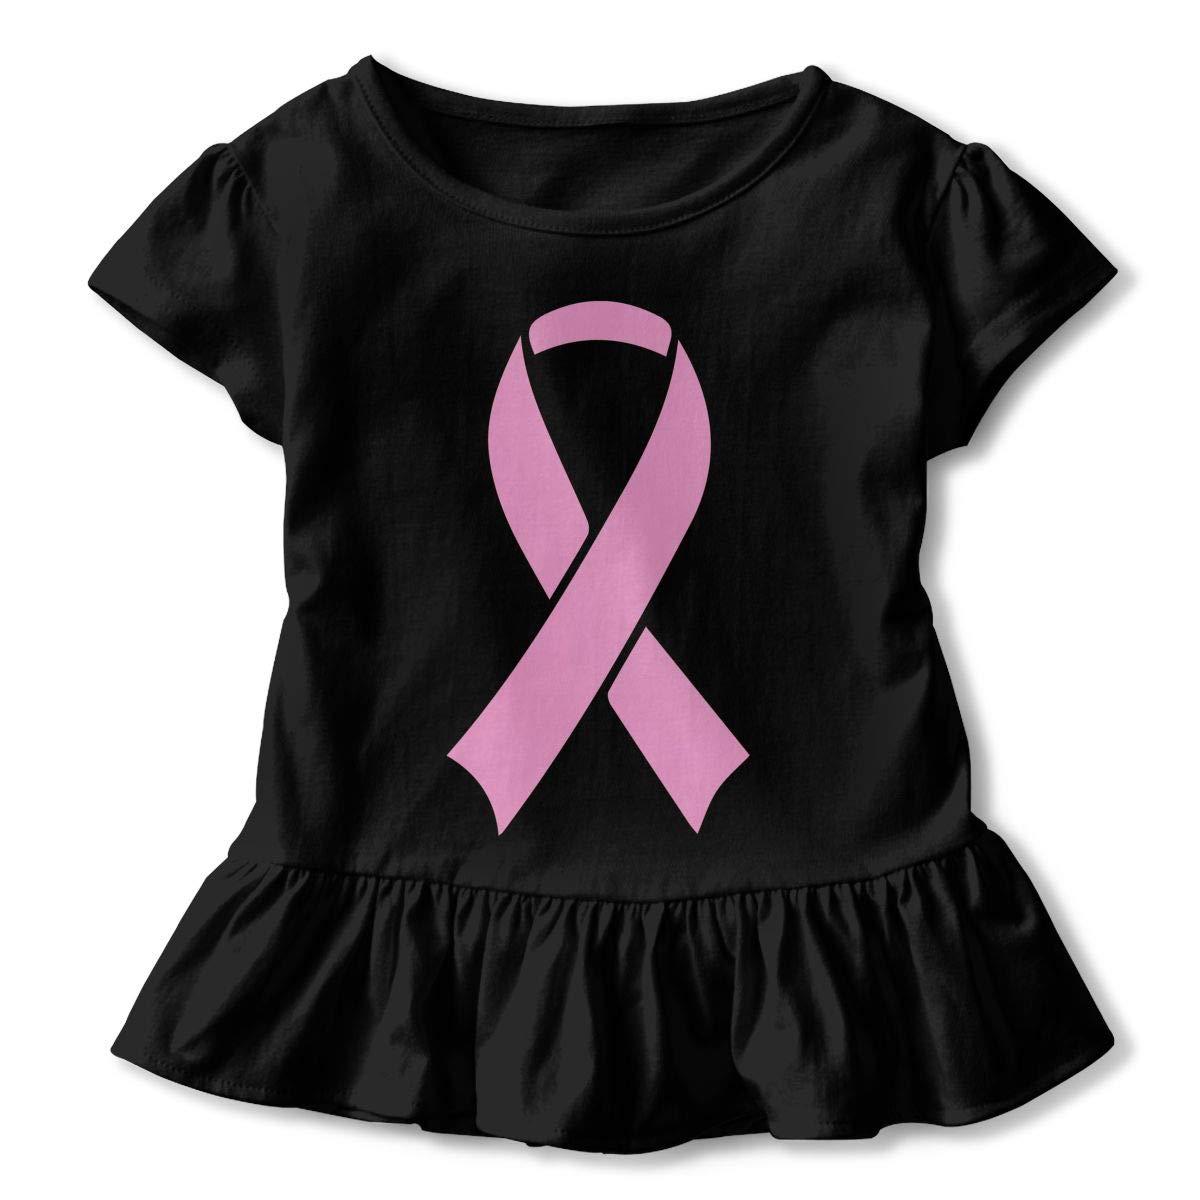 SHIRT1-KIDS Israel Flag Map T-Shirts Childrens Girls Short Sleeve Ruffles Shirt Tee Jersey for 2-6T